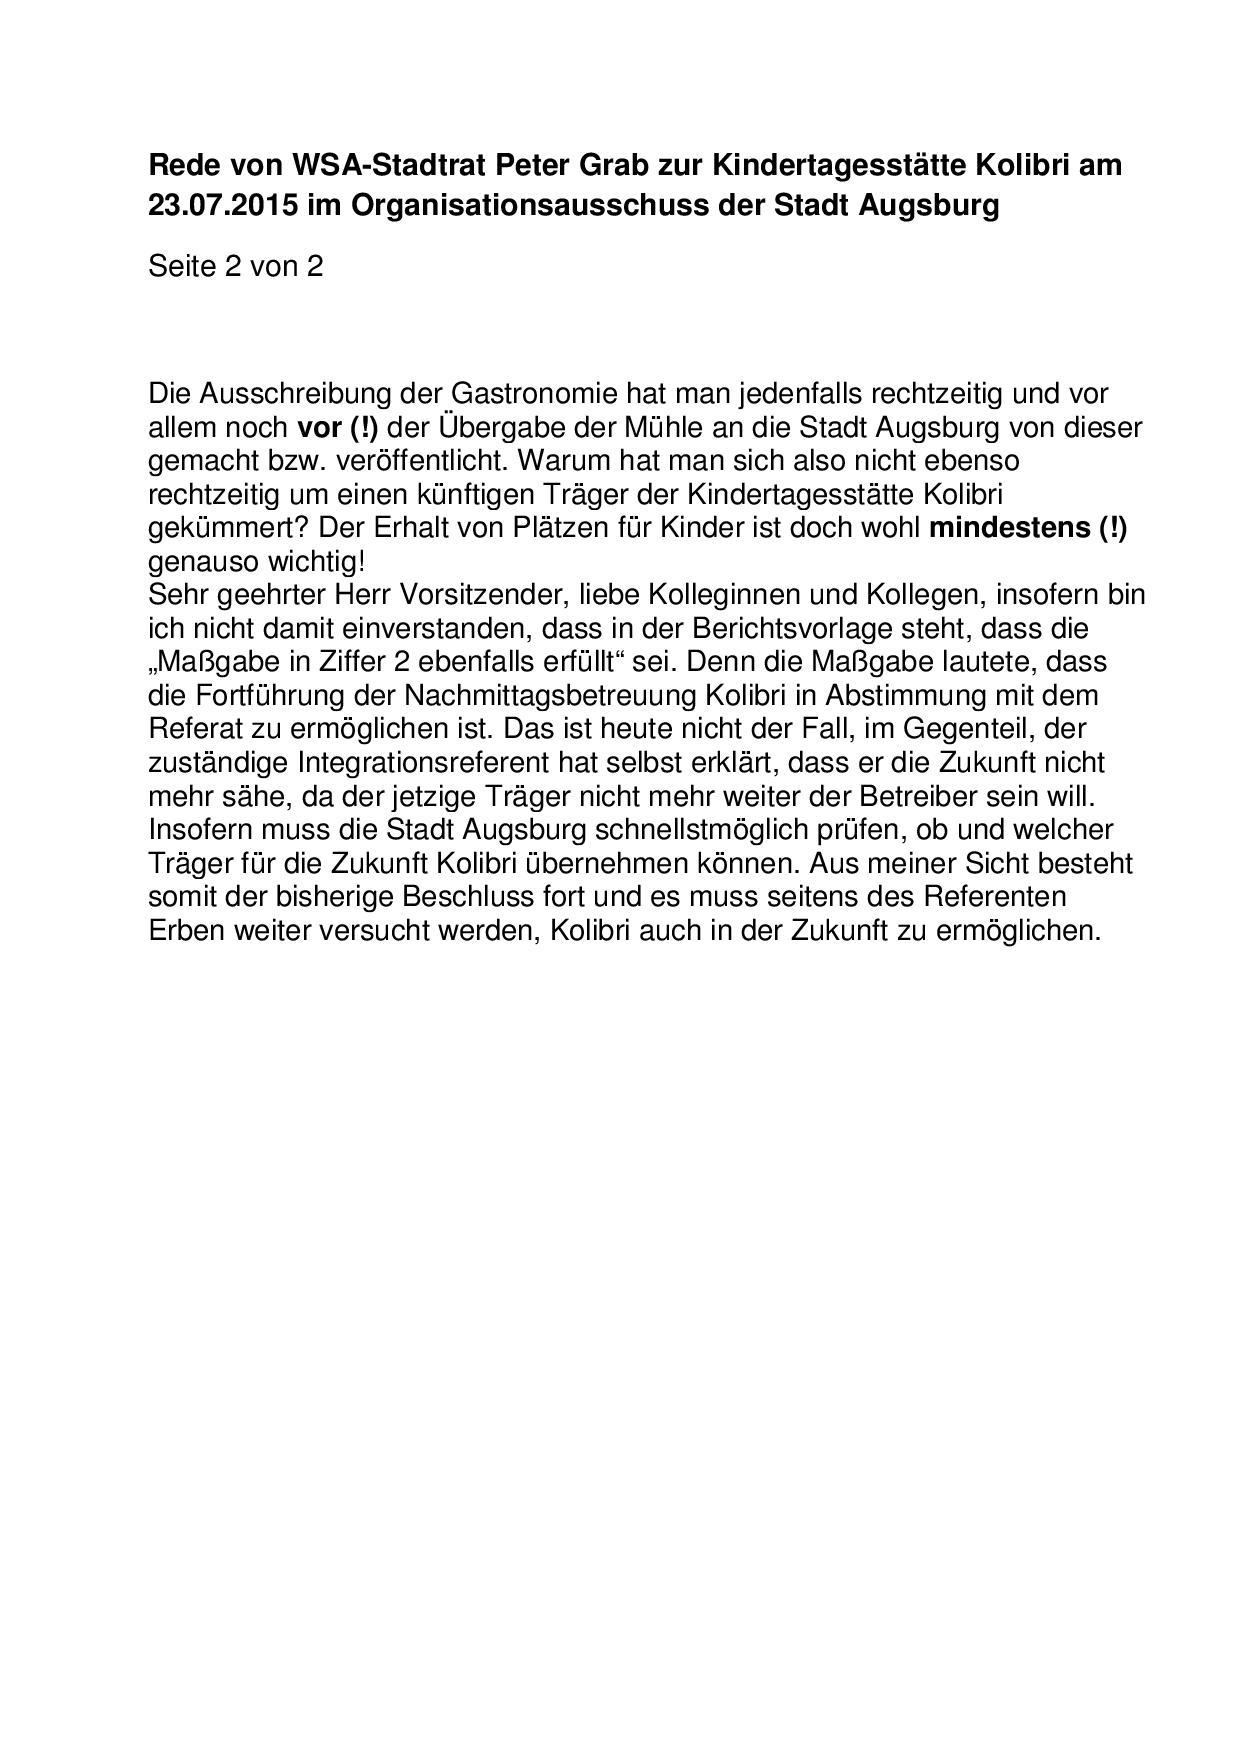 Rede zur Kindertagesstätte Kolibri am 23.07.2015 im Organisationsausschuss-002